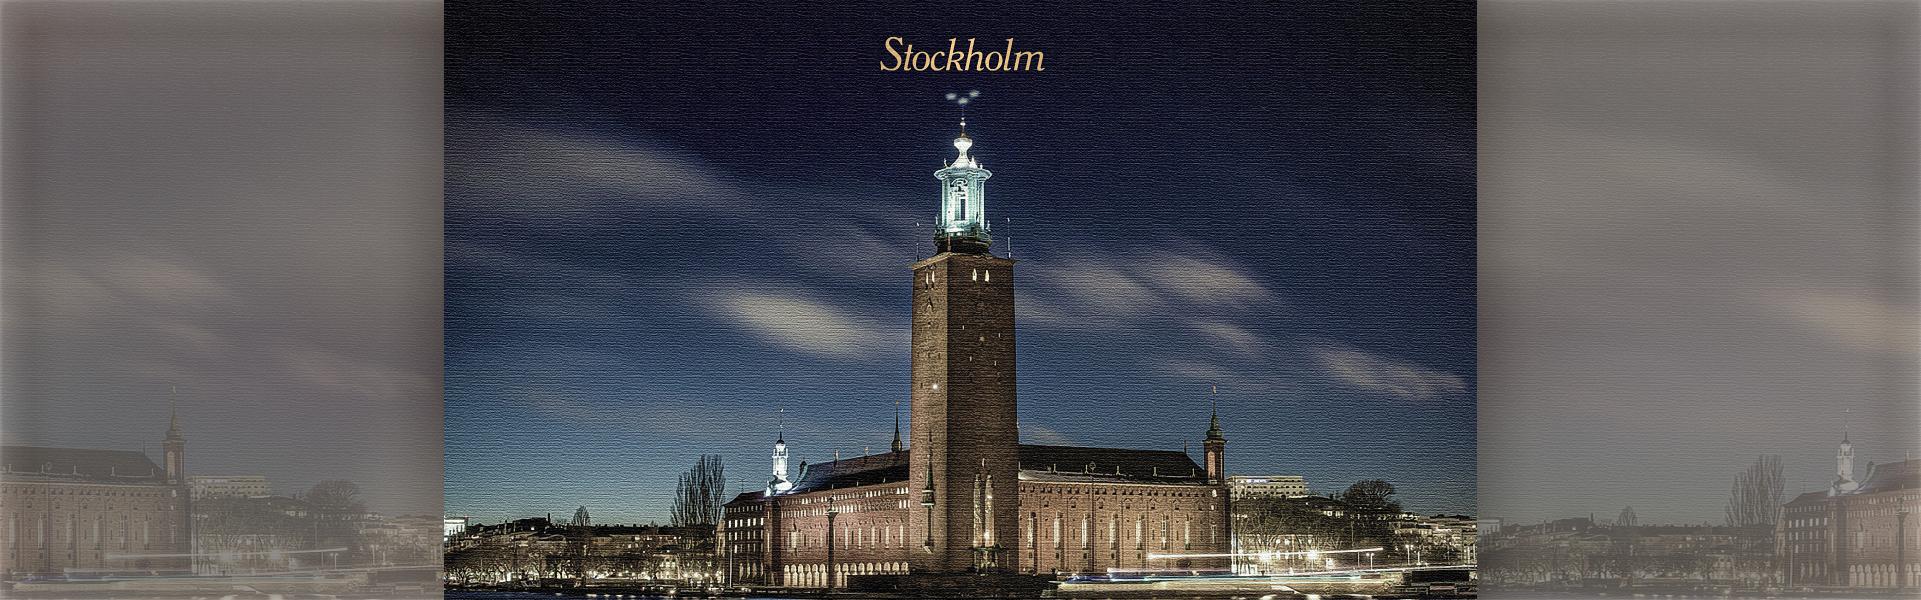 Stockholm_Sweden 12 редакция 1